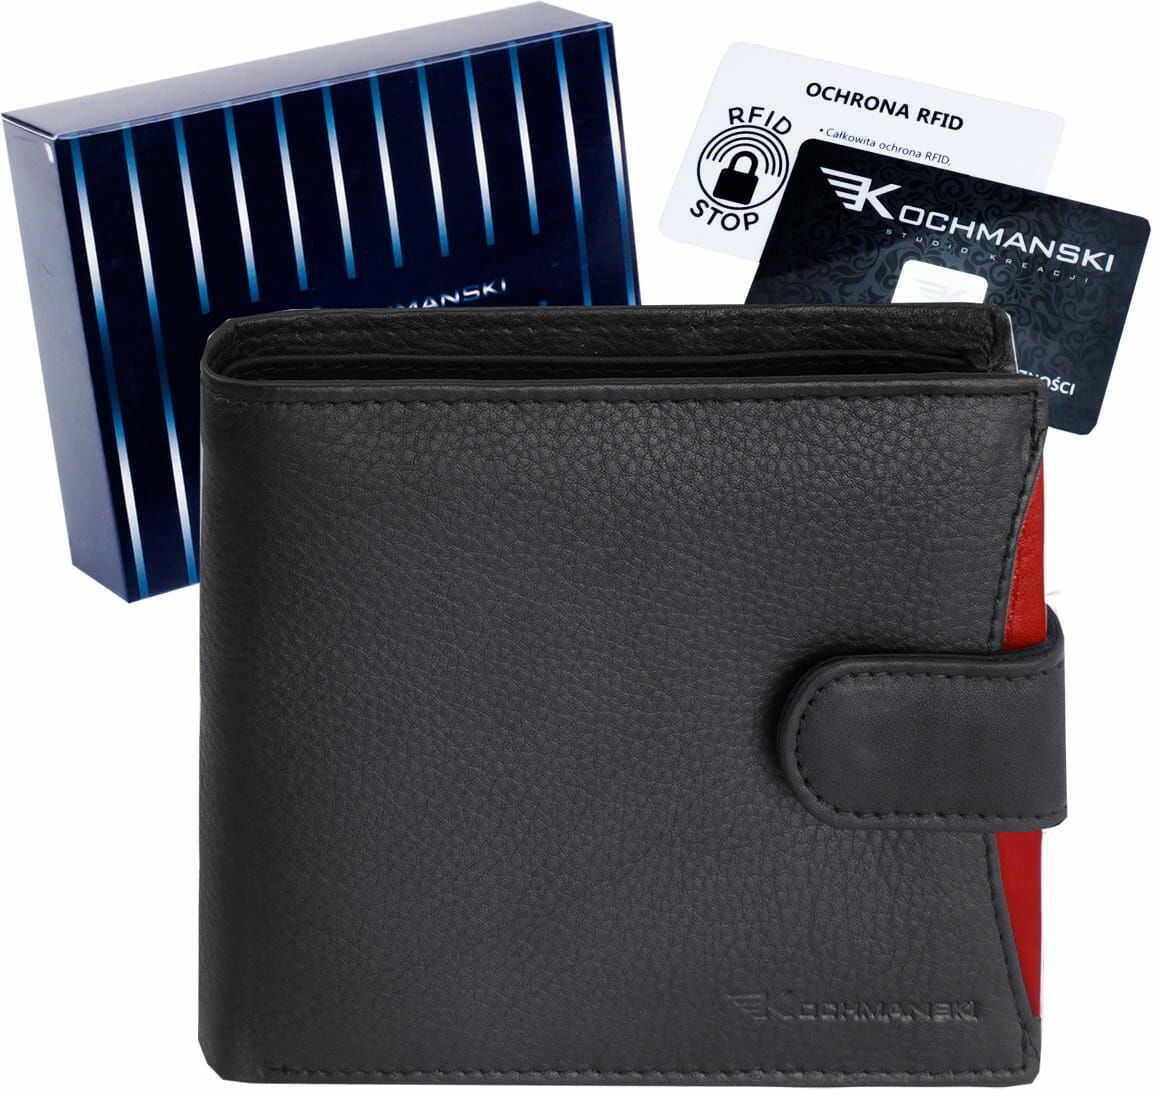 KOCHMANSKI skórzany portfel męski RFID 3254